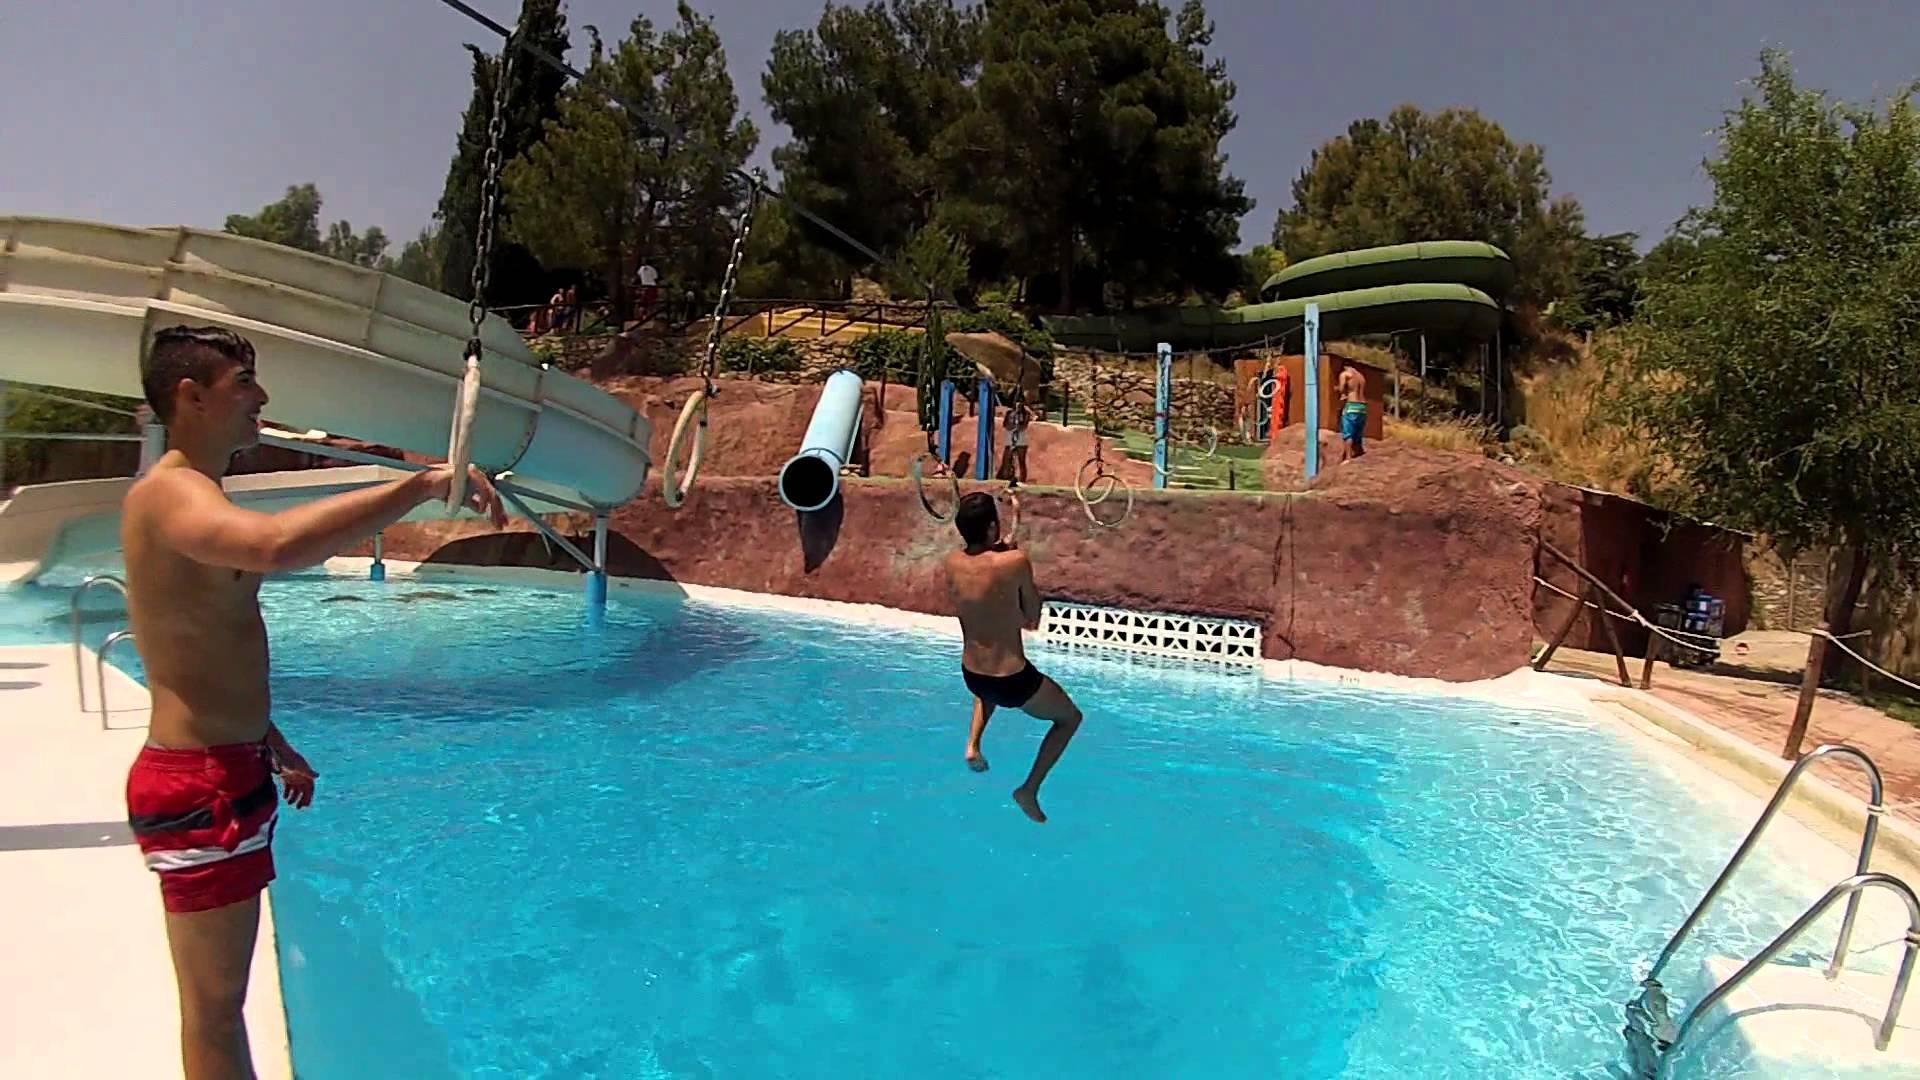 Actividades refrescantes para disfrutar del verano, Granajoven